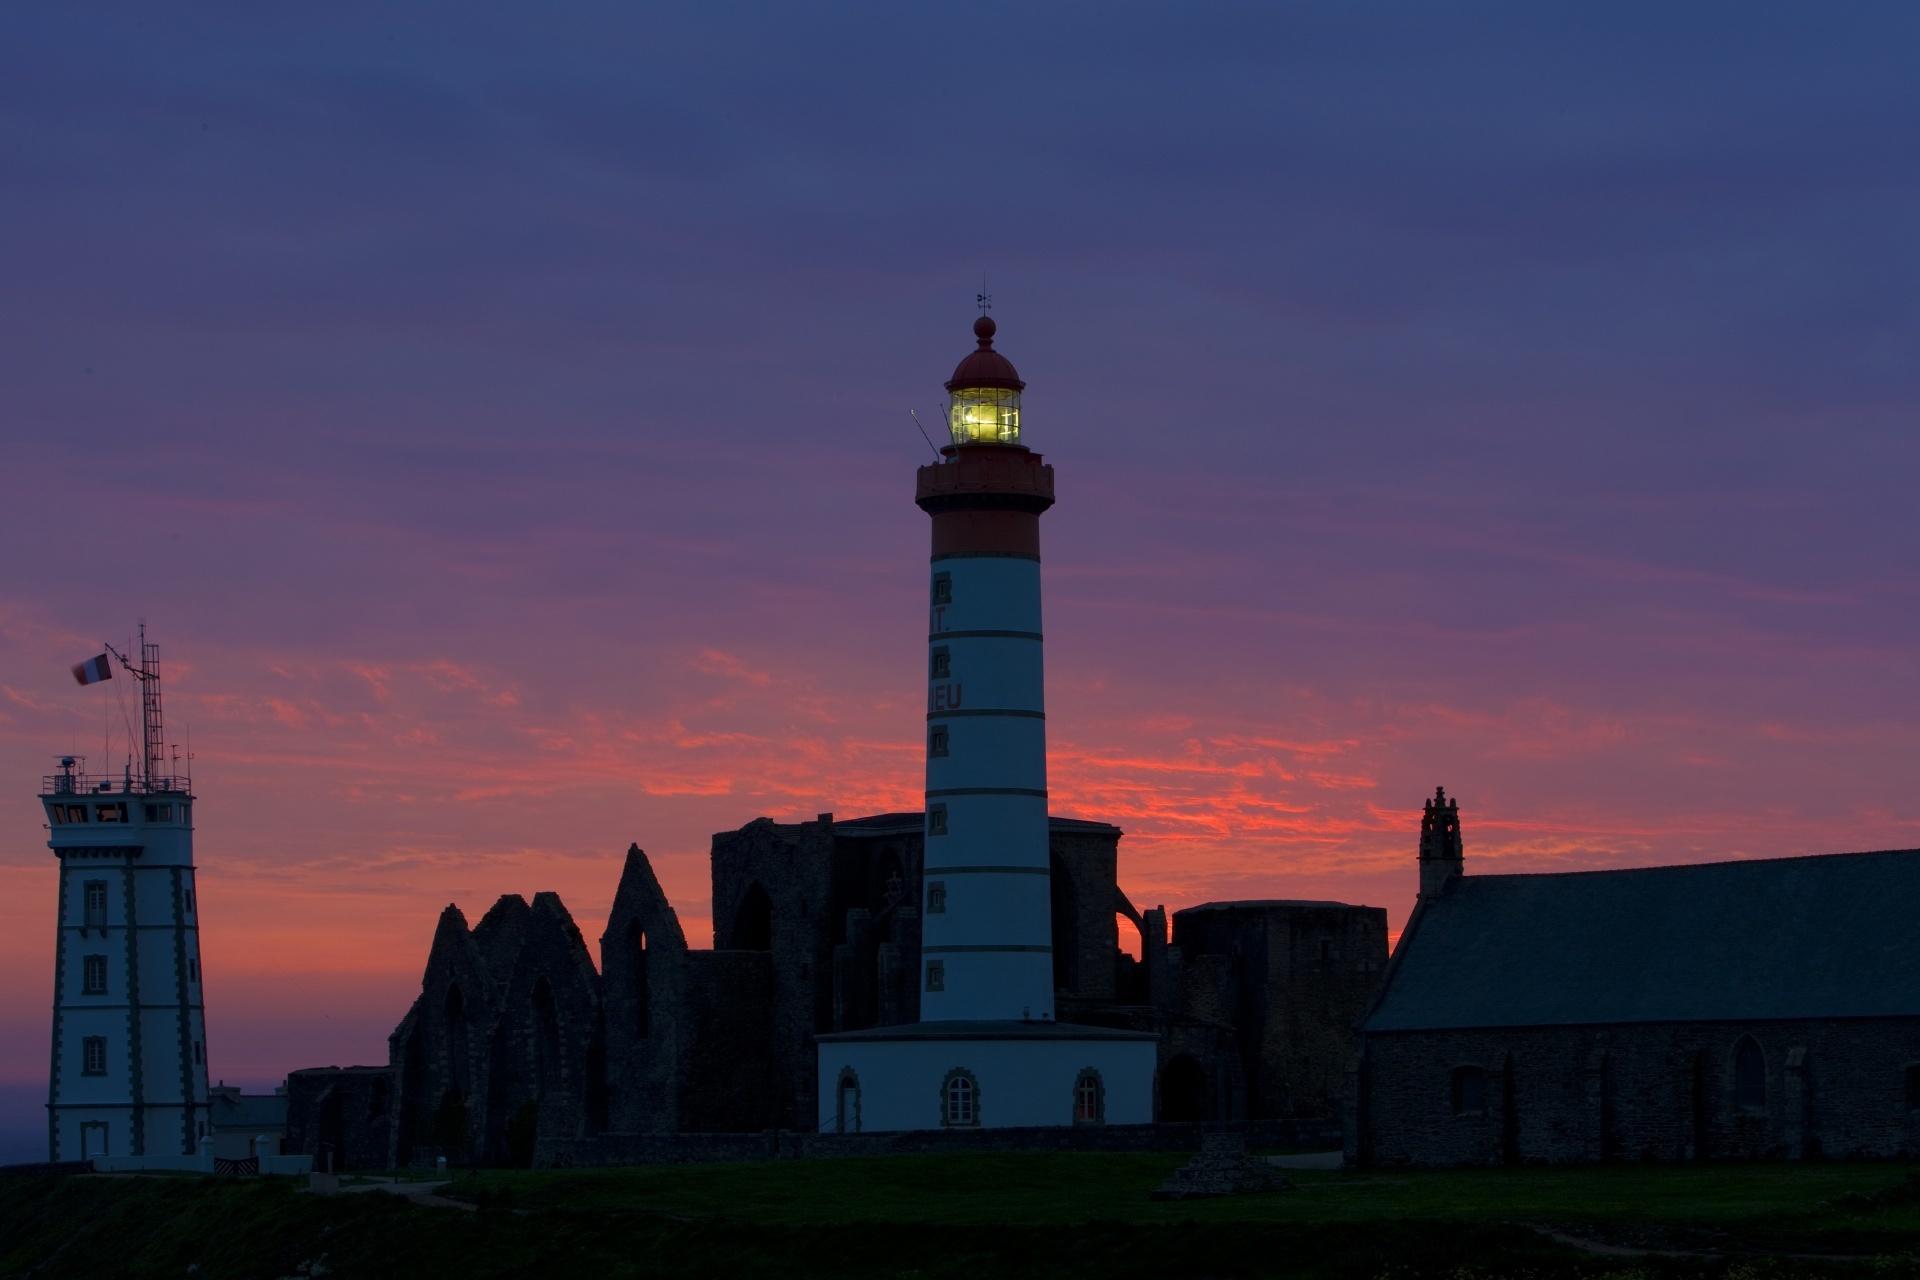 サン=マティウ岬のトワイライト風景 フランスの風景